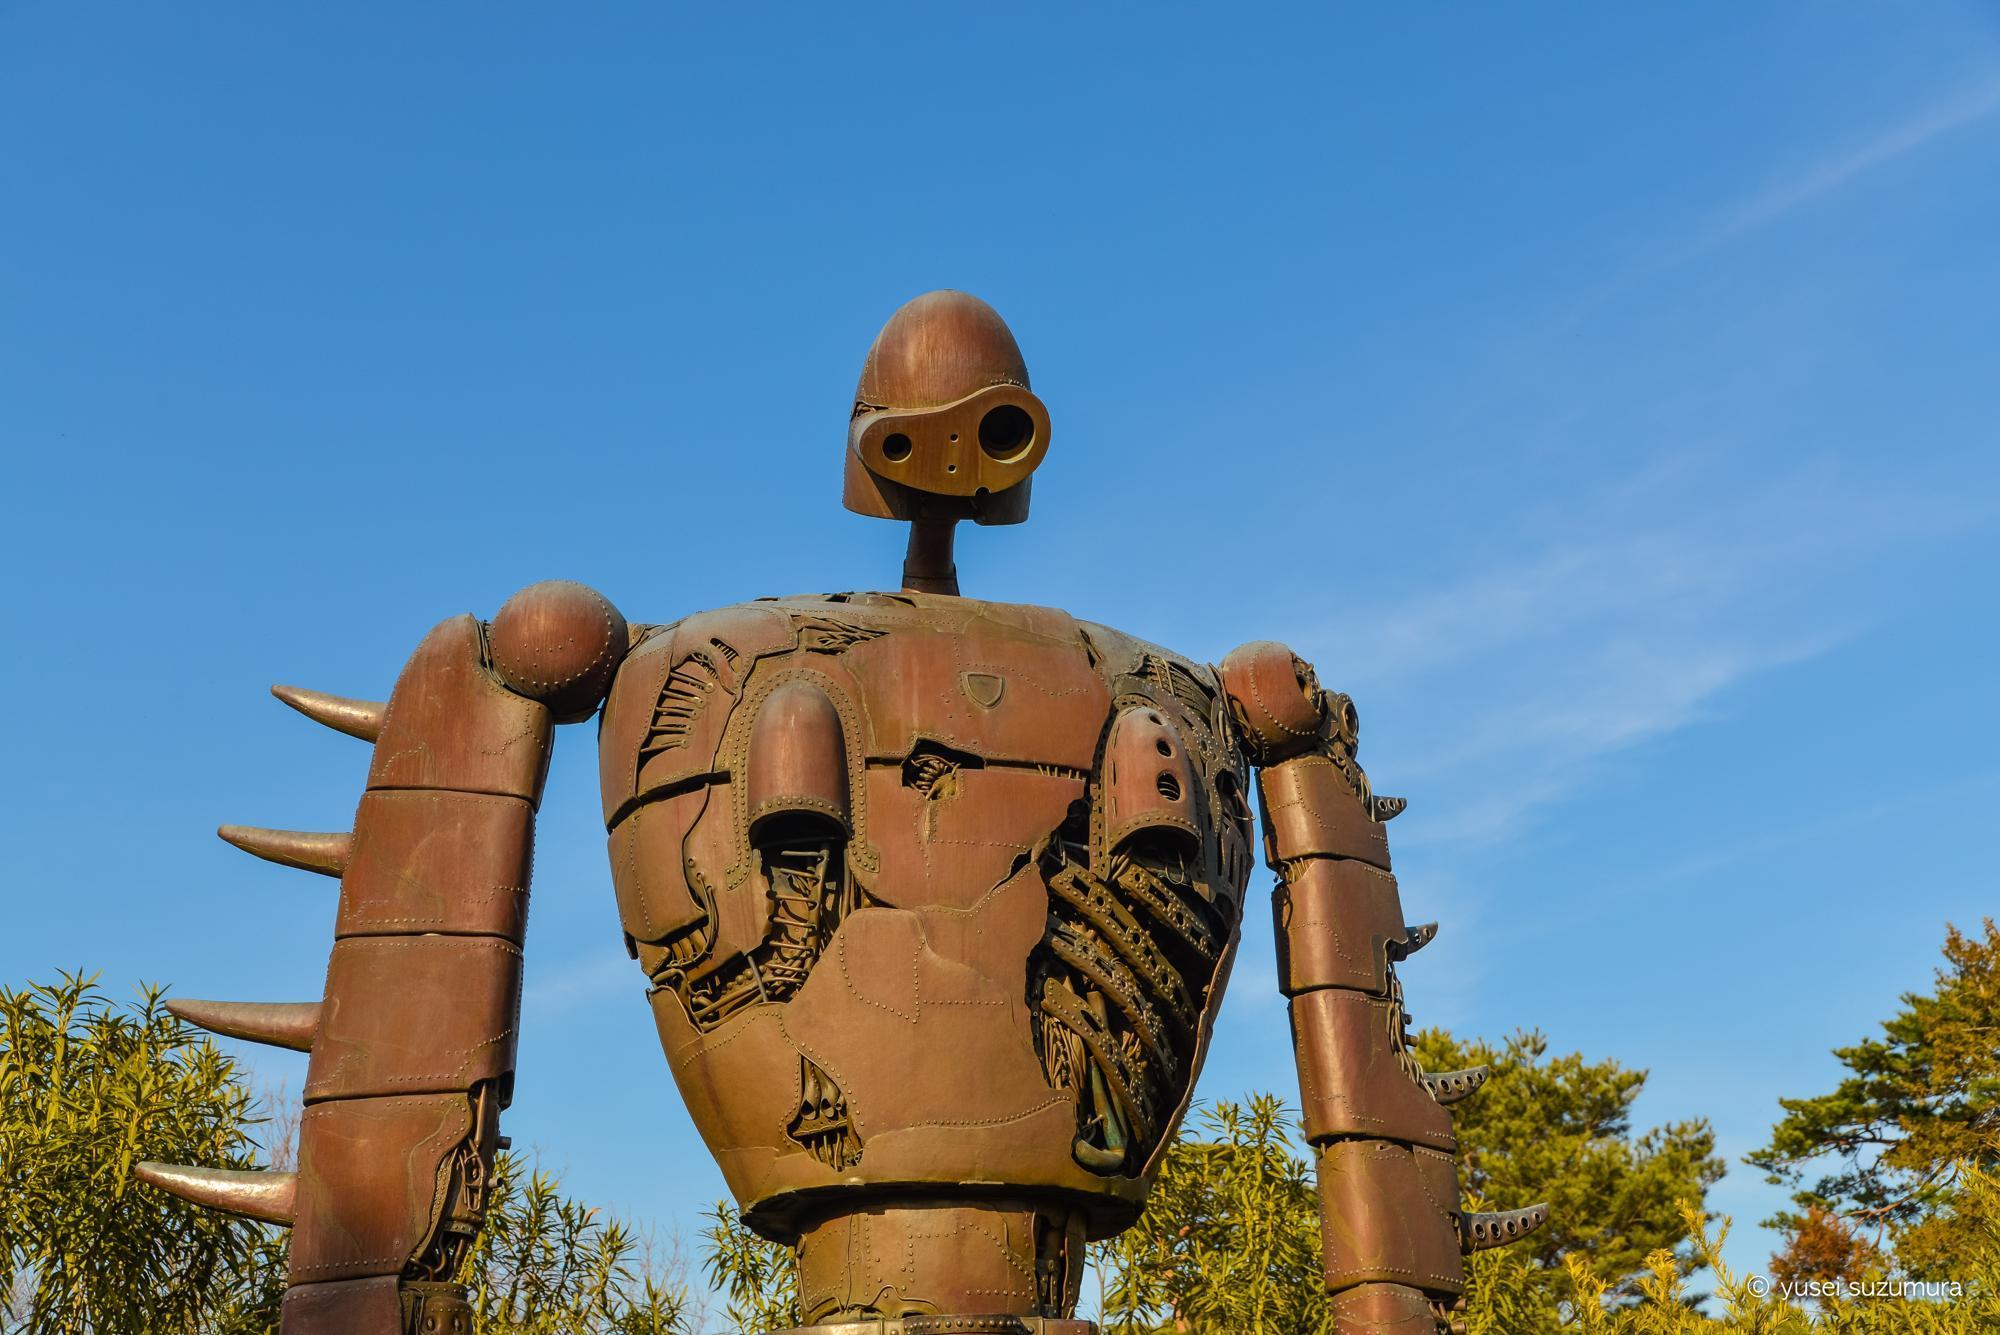 Ghibli Musee robot soldat